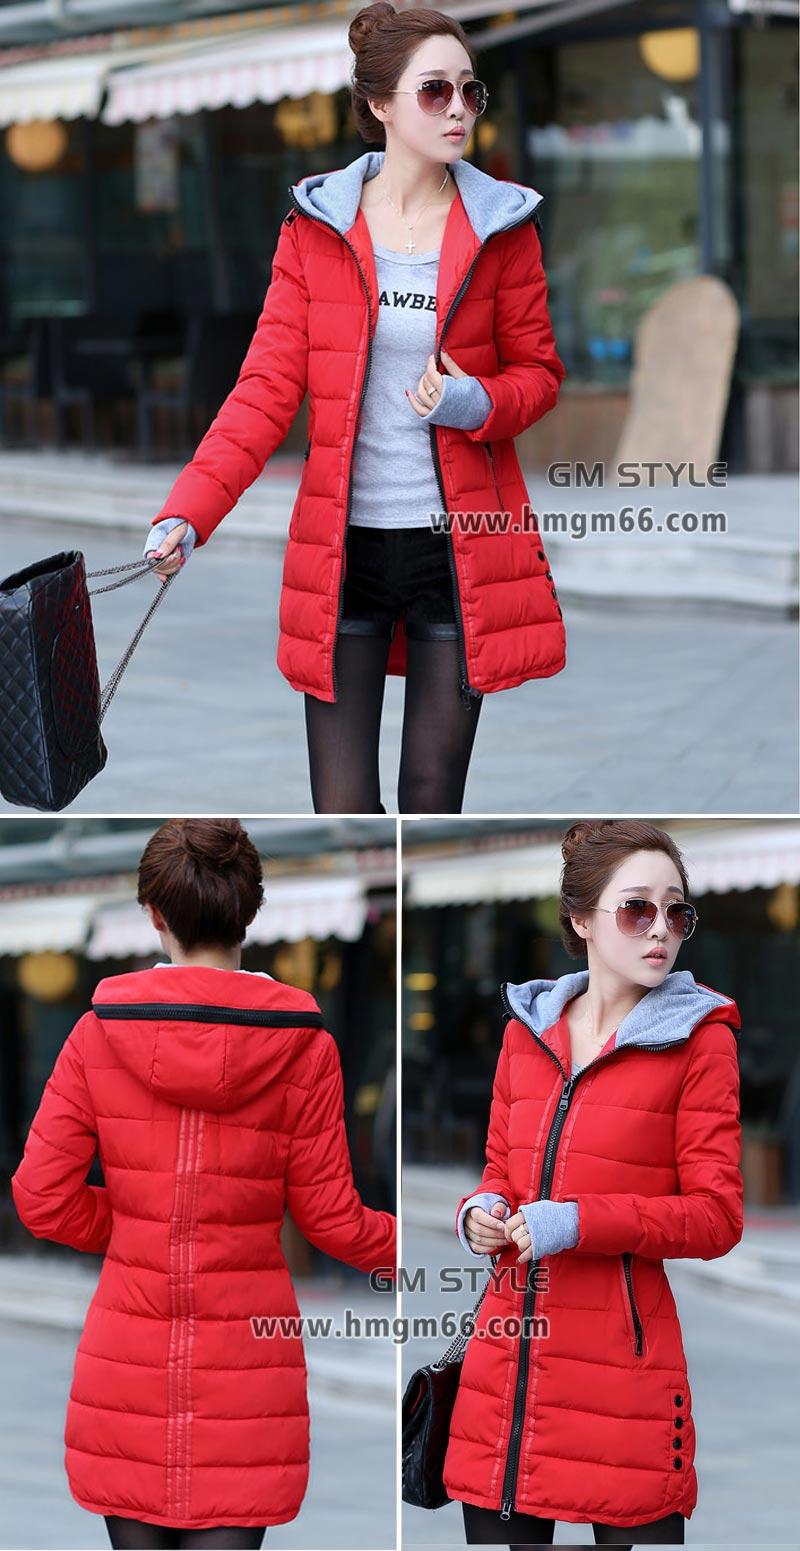 新款流行冬装羽绒服批发市场